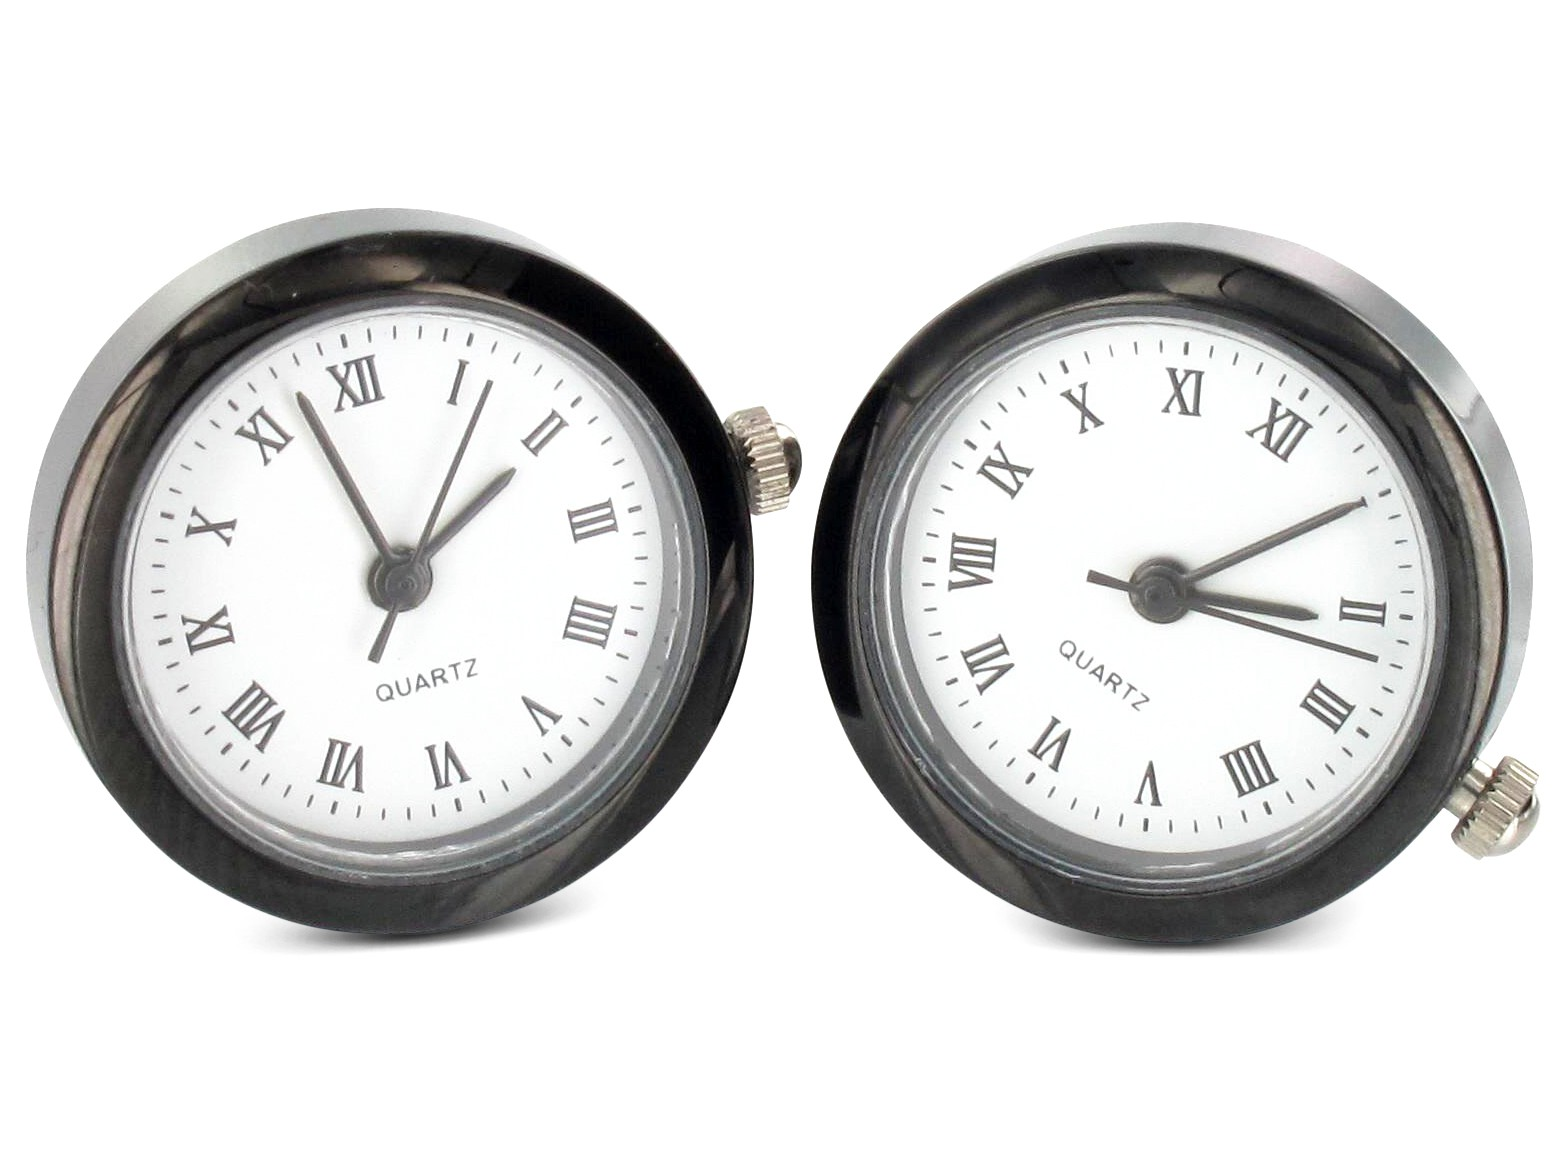 TEROON Prestige Manschettenknöpfe Uhr